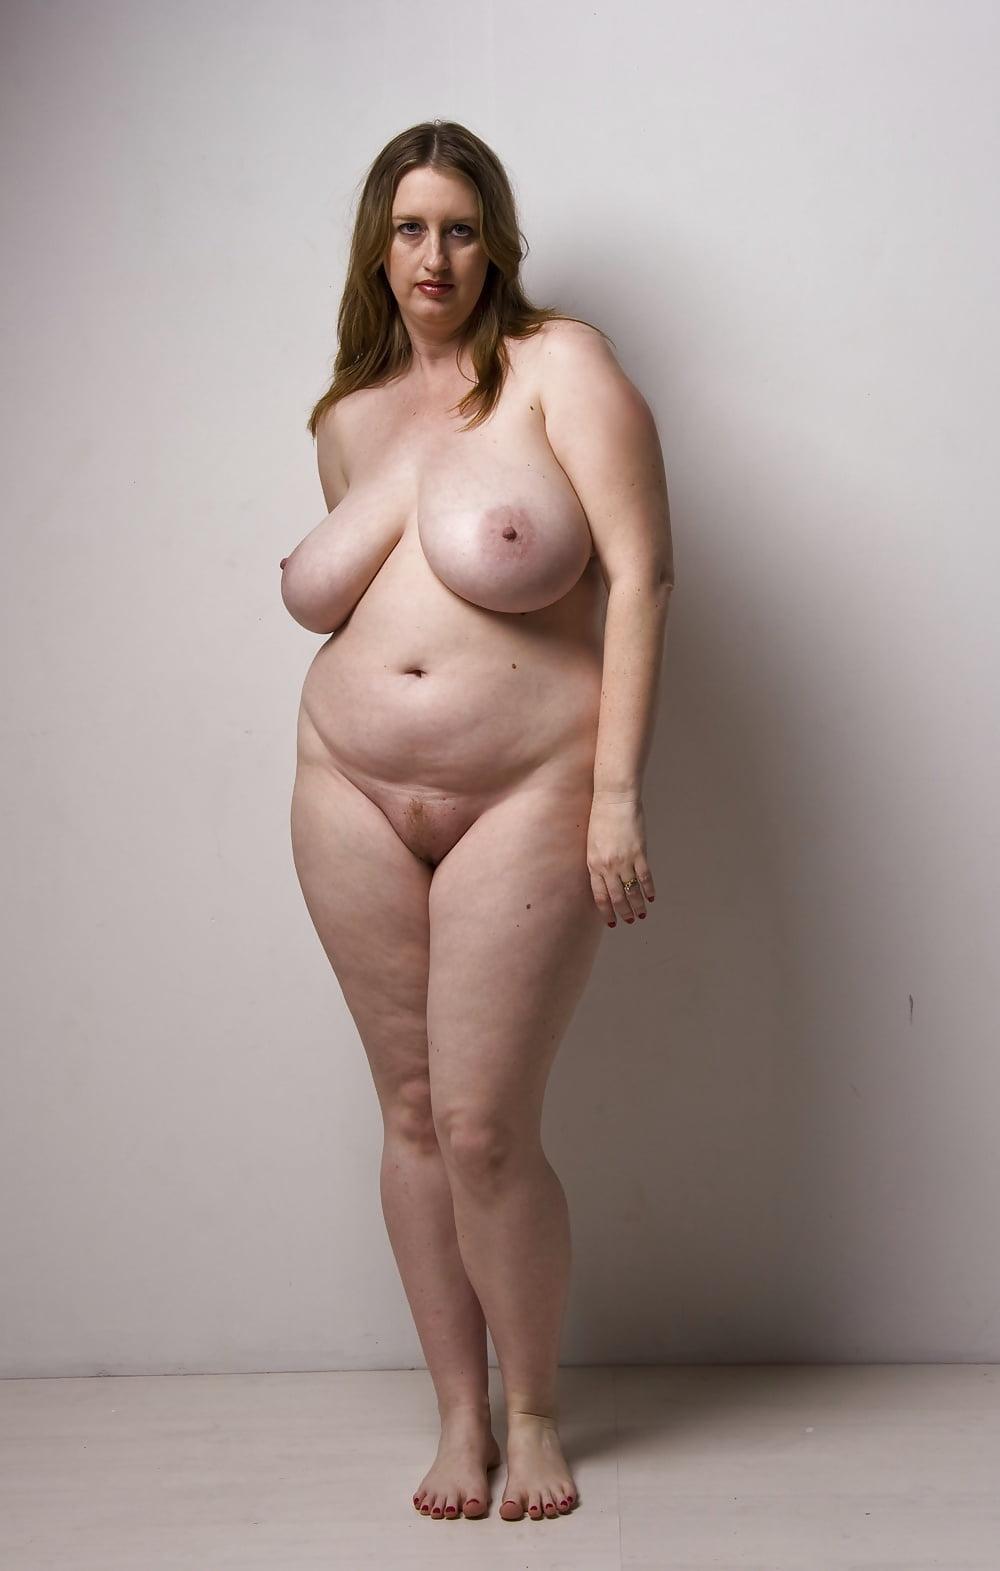 Фото Обнаженных Чуть Полных Женщин